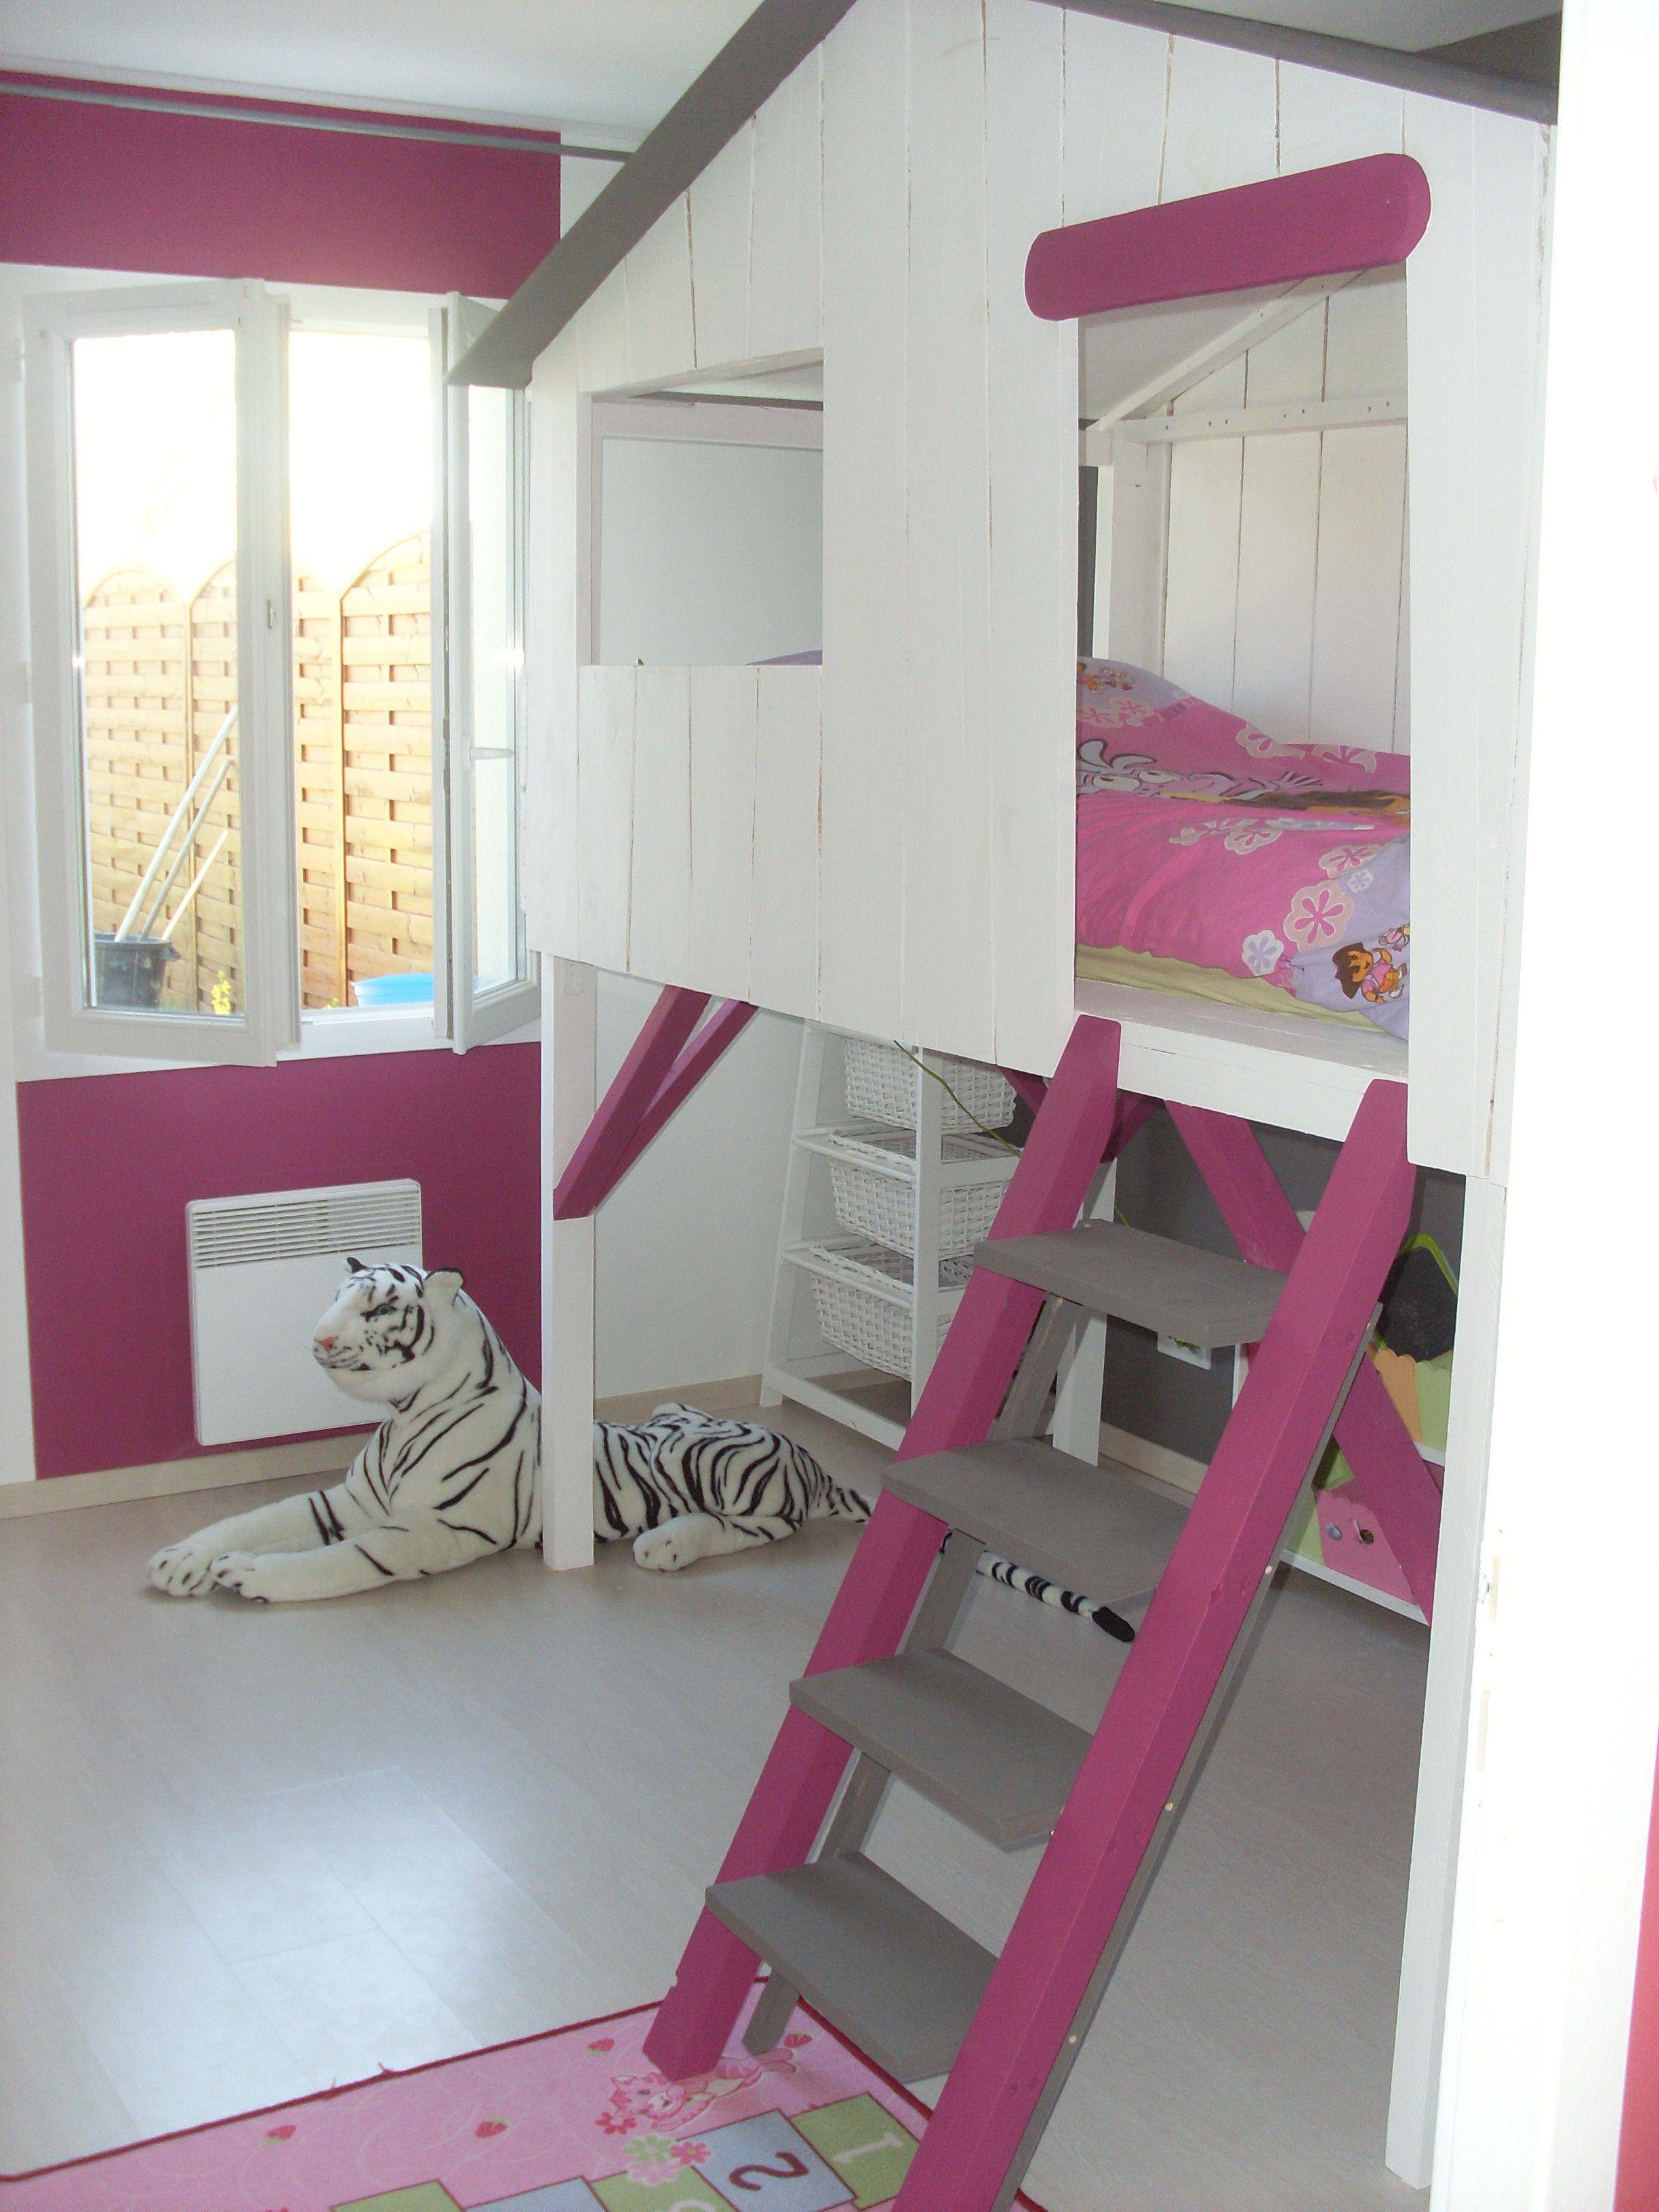 le lit cabane faire une cabane l 39 int rieur pinterest lit cabane lits et chambres. Black Bedroom Furniture Sets. Home Design Ideas